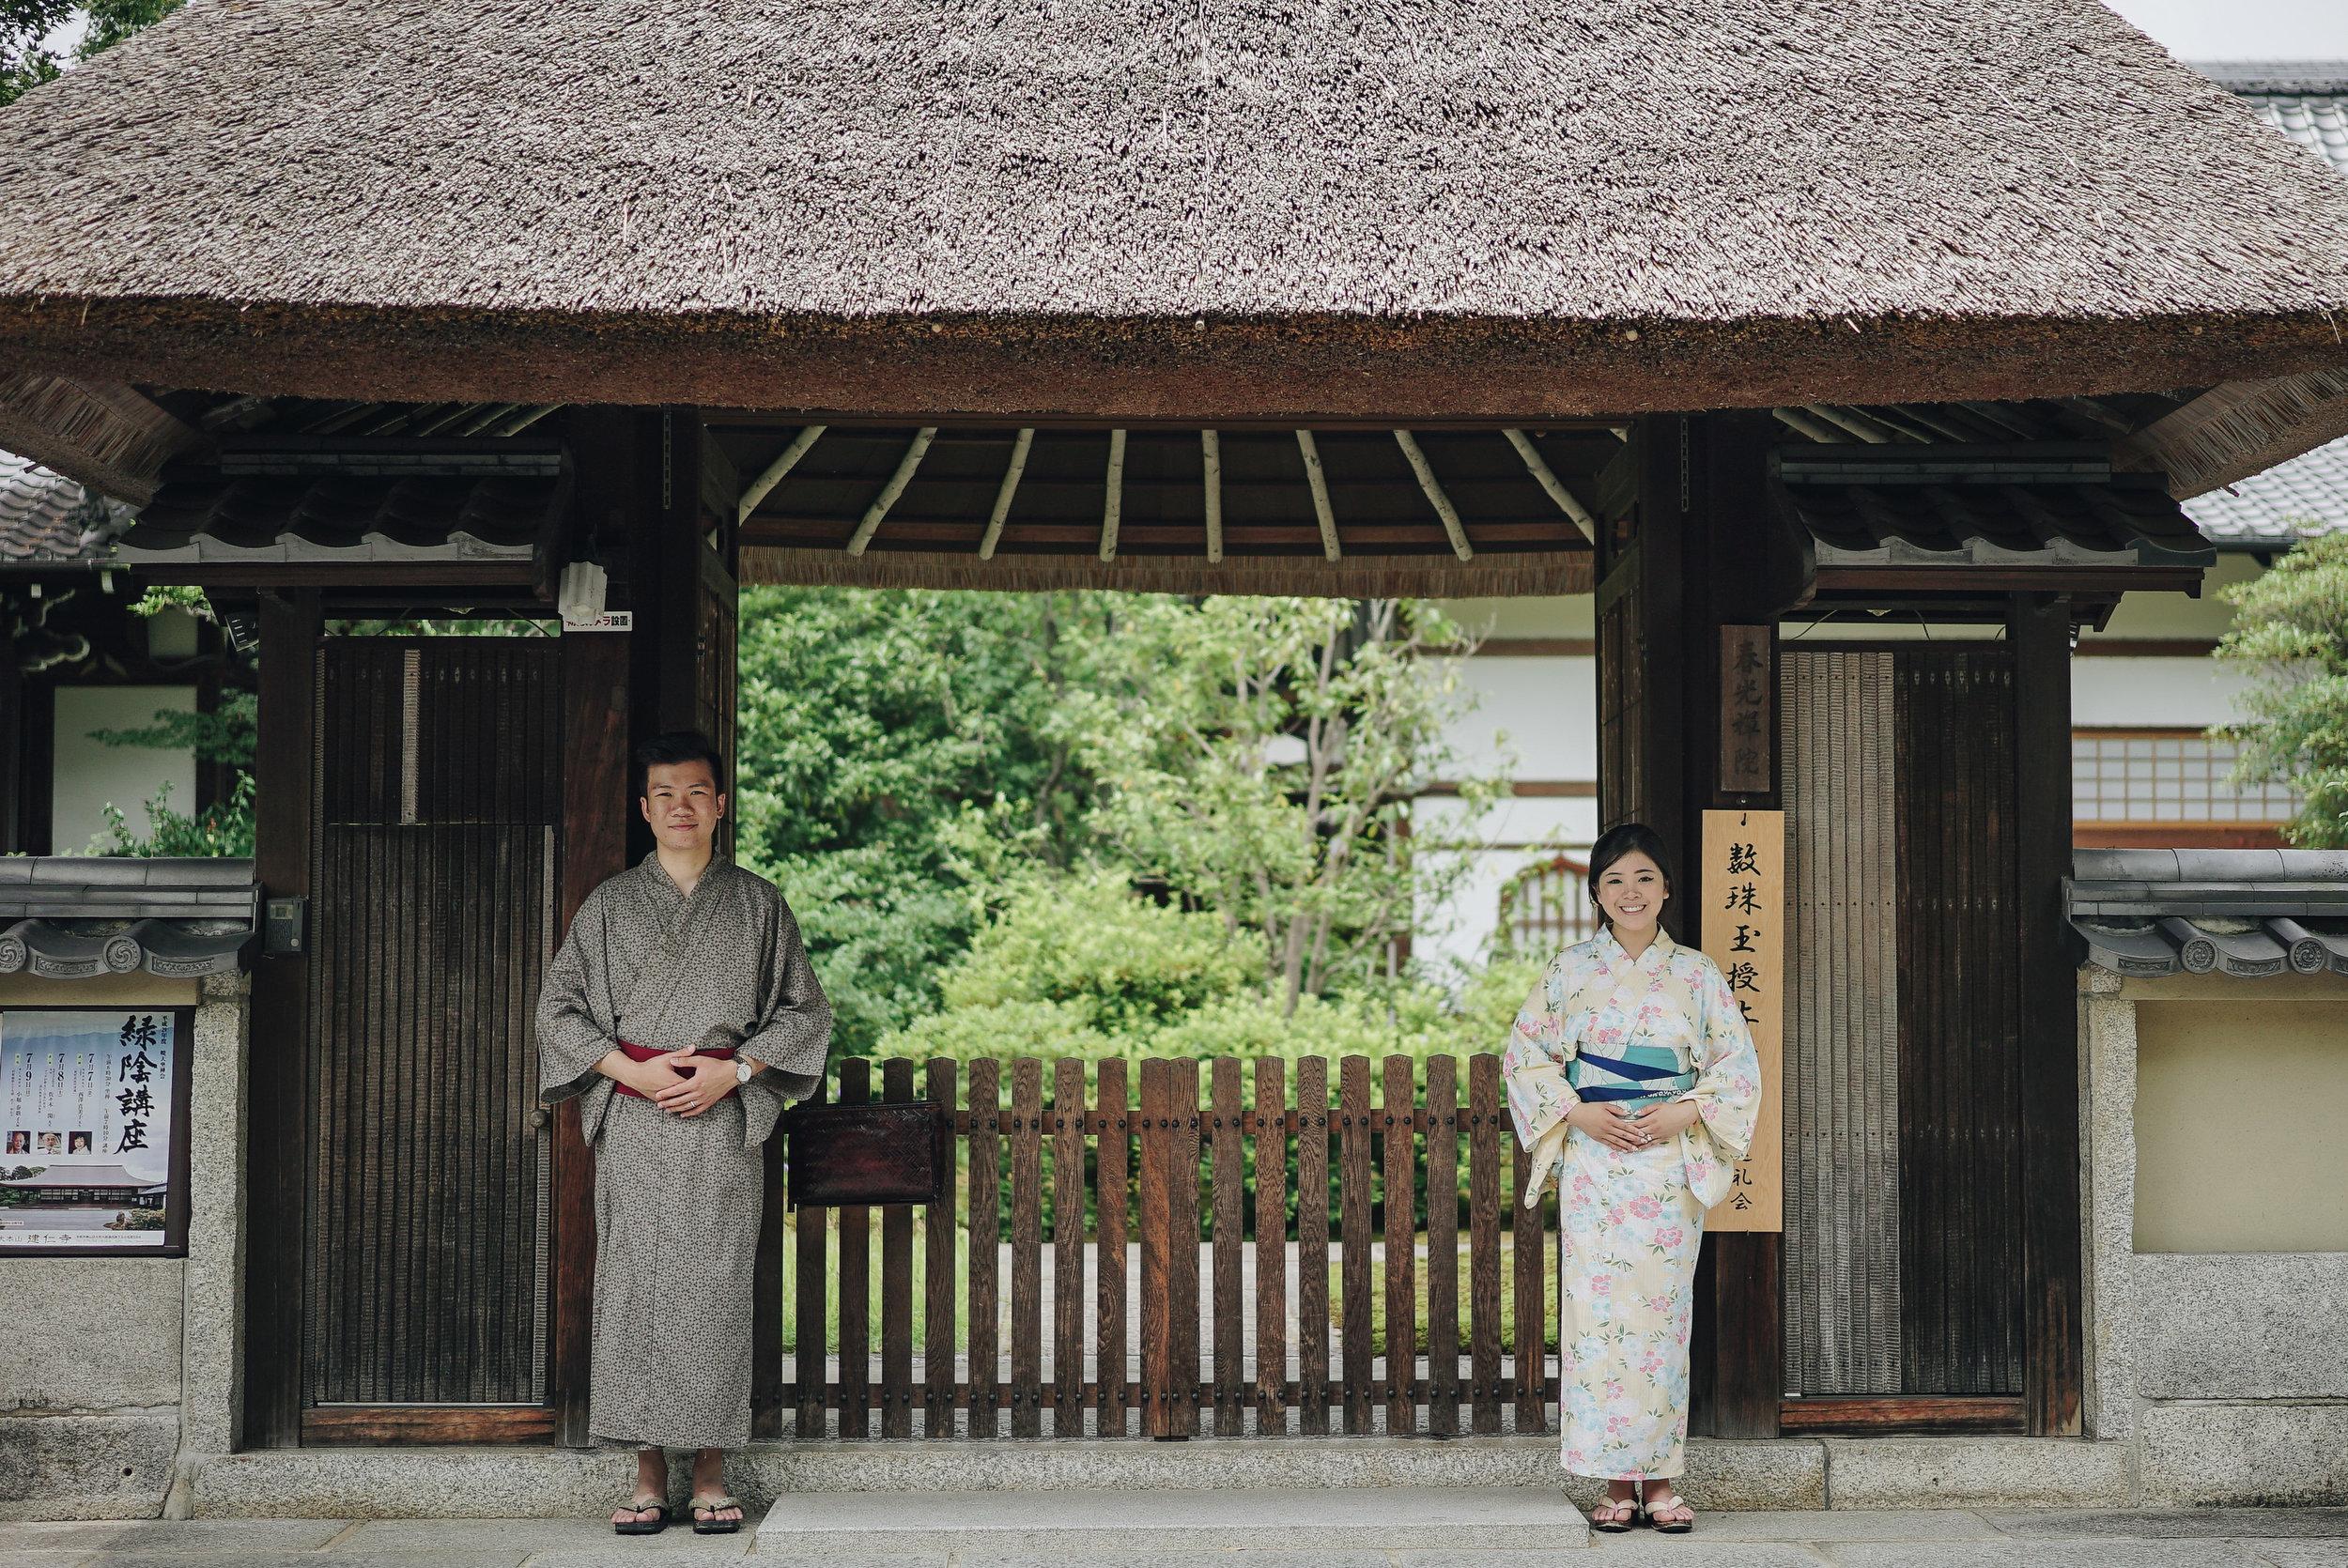 michelle_sanchie-kyoto-s1_50.jpg